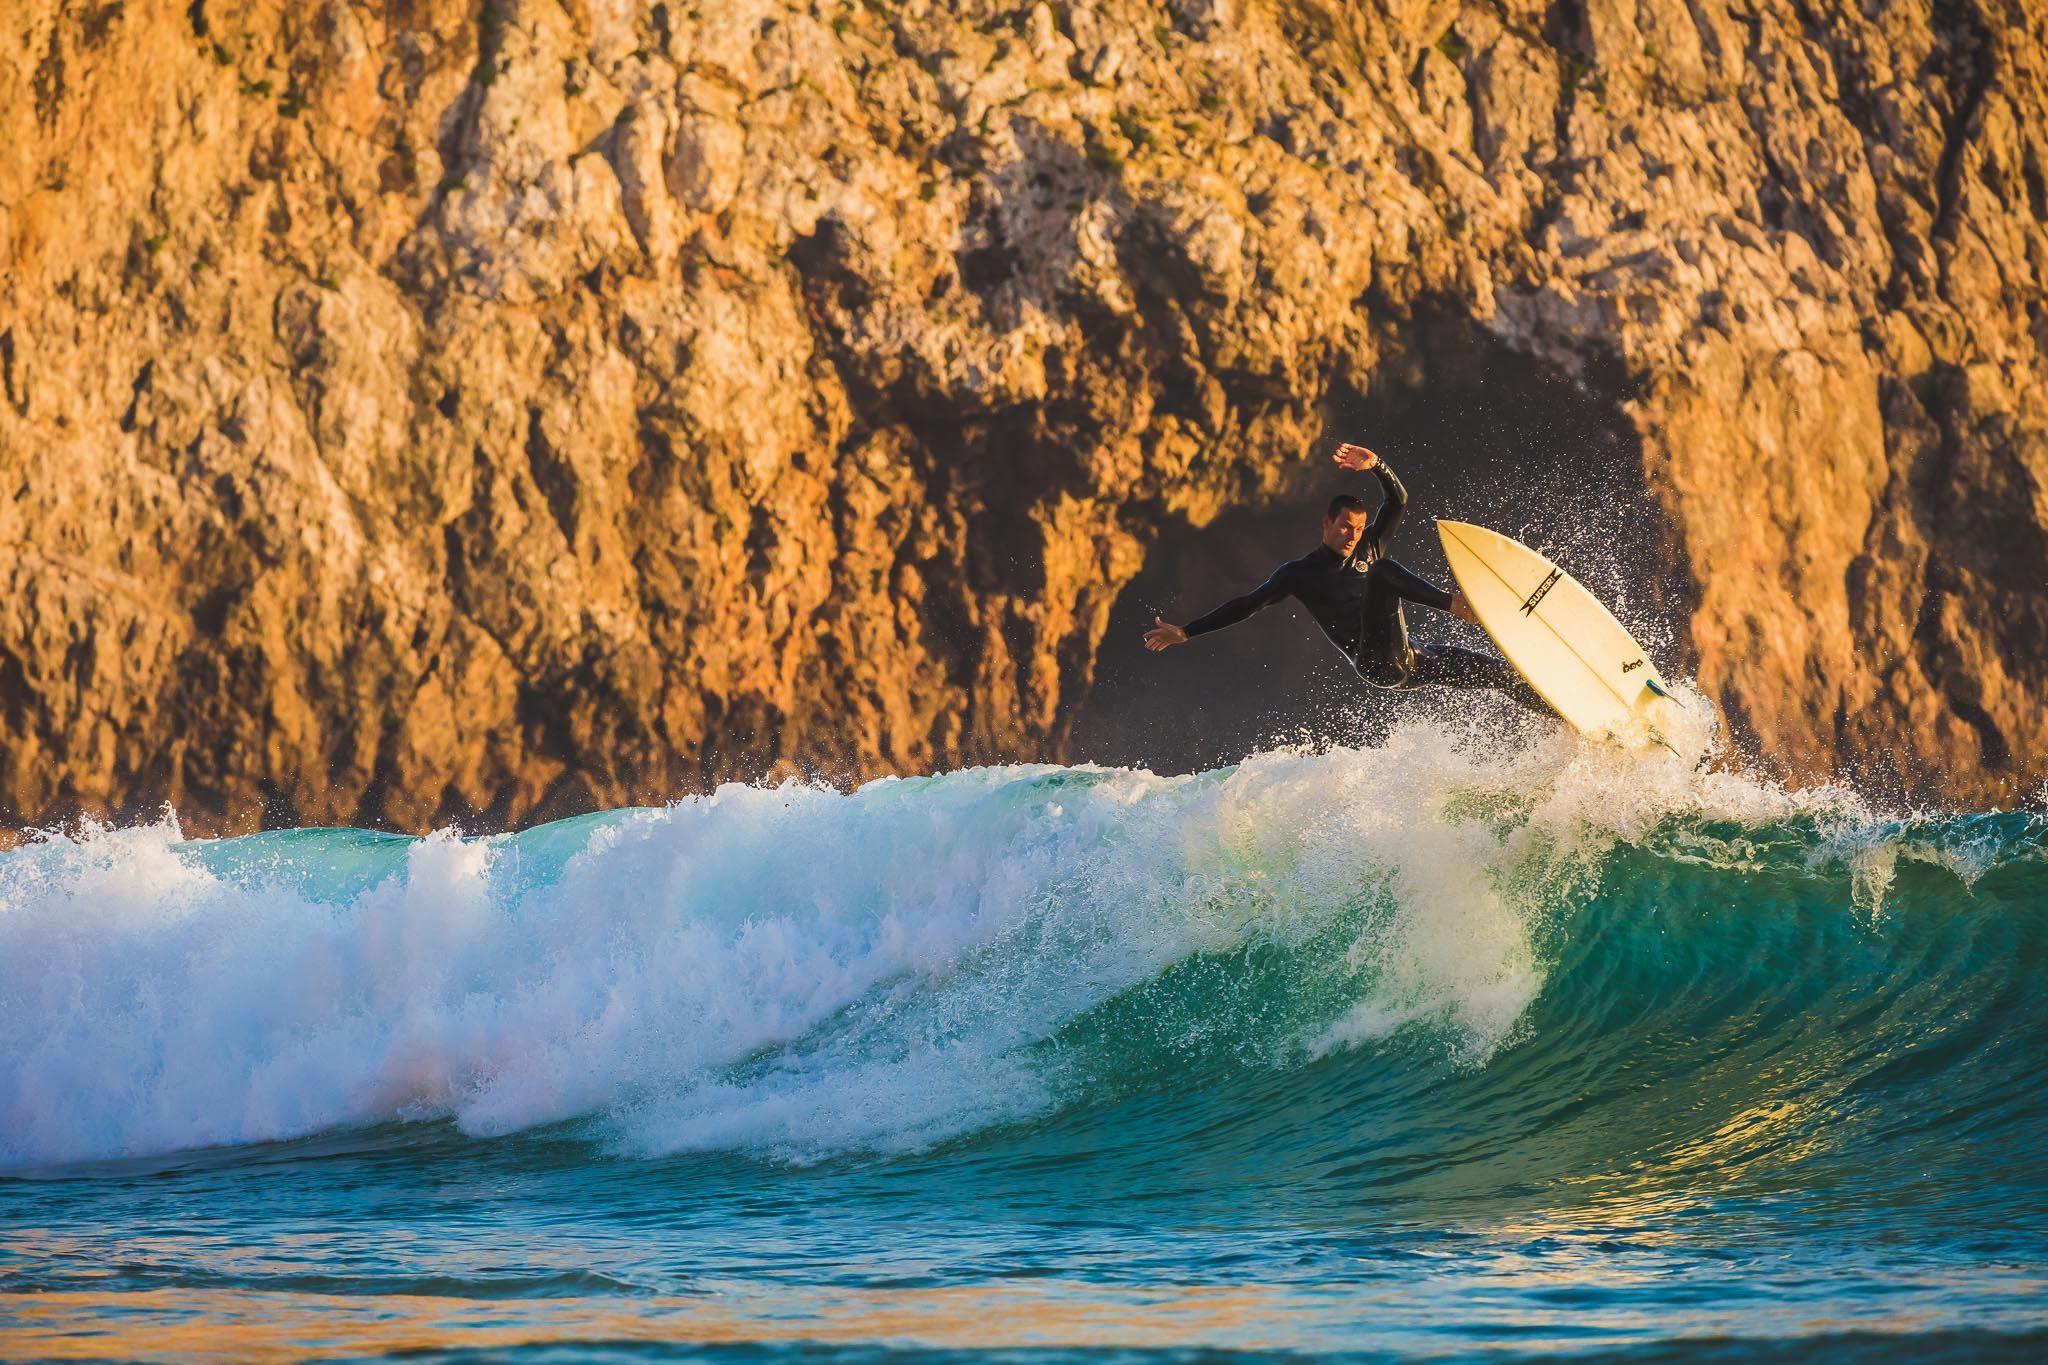 Beliche surfing - http://andytroy.nl/photography/surf/2464/beliche-surfing-2/